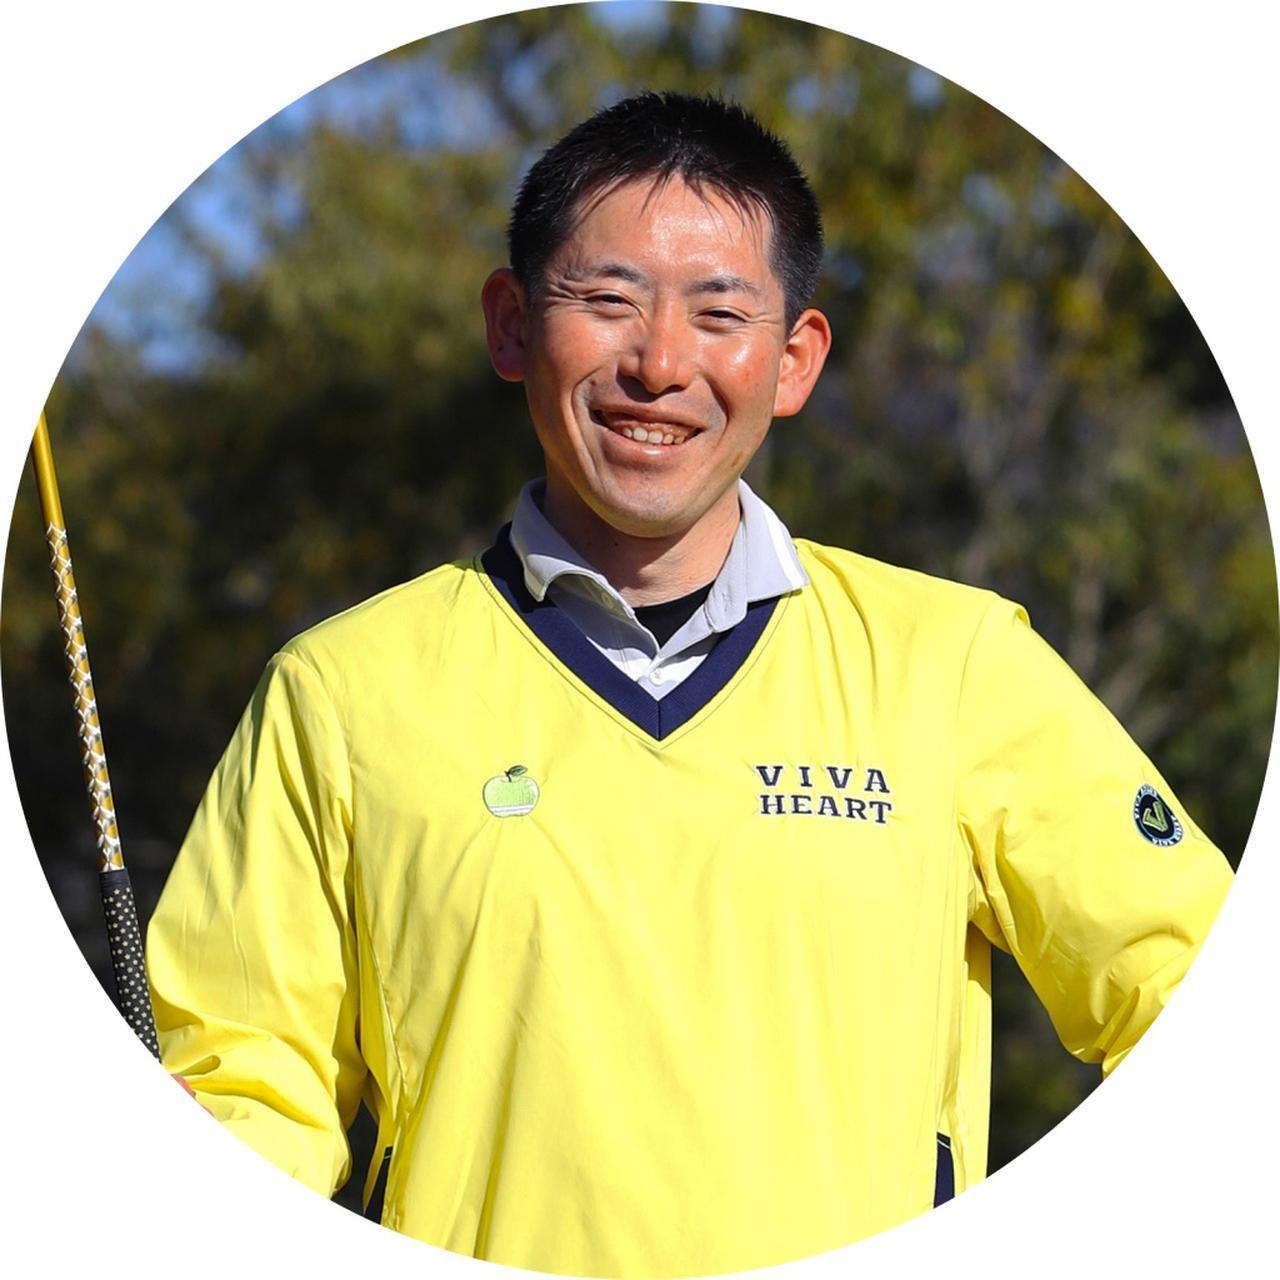 画像: 【解説】熊渕善太 くまぶちぜんた。1979年生まれ、兵庫県出身。ゴルフ好きが講じ一念発起して脱サラ、ティーチングプロへ転身。